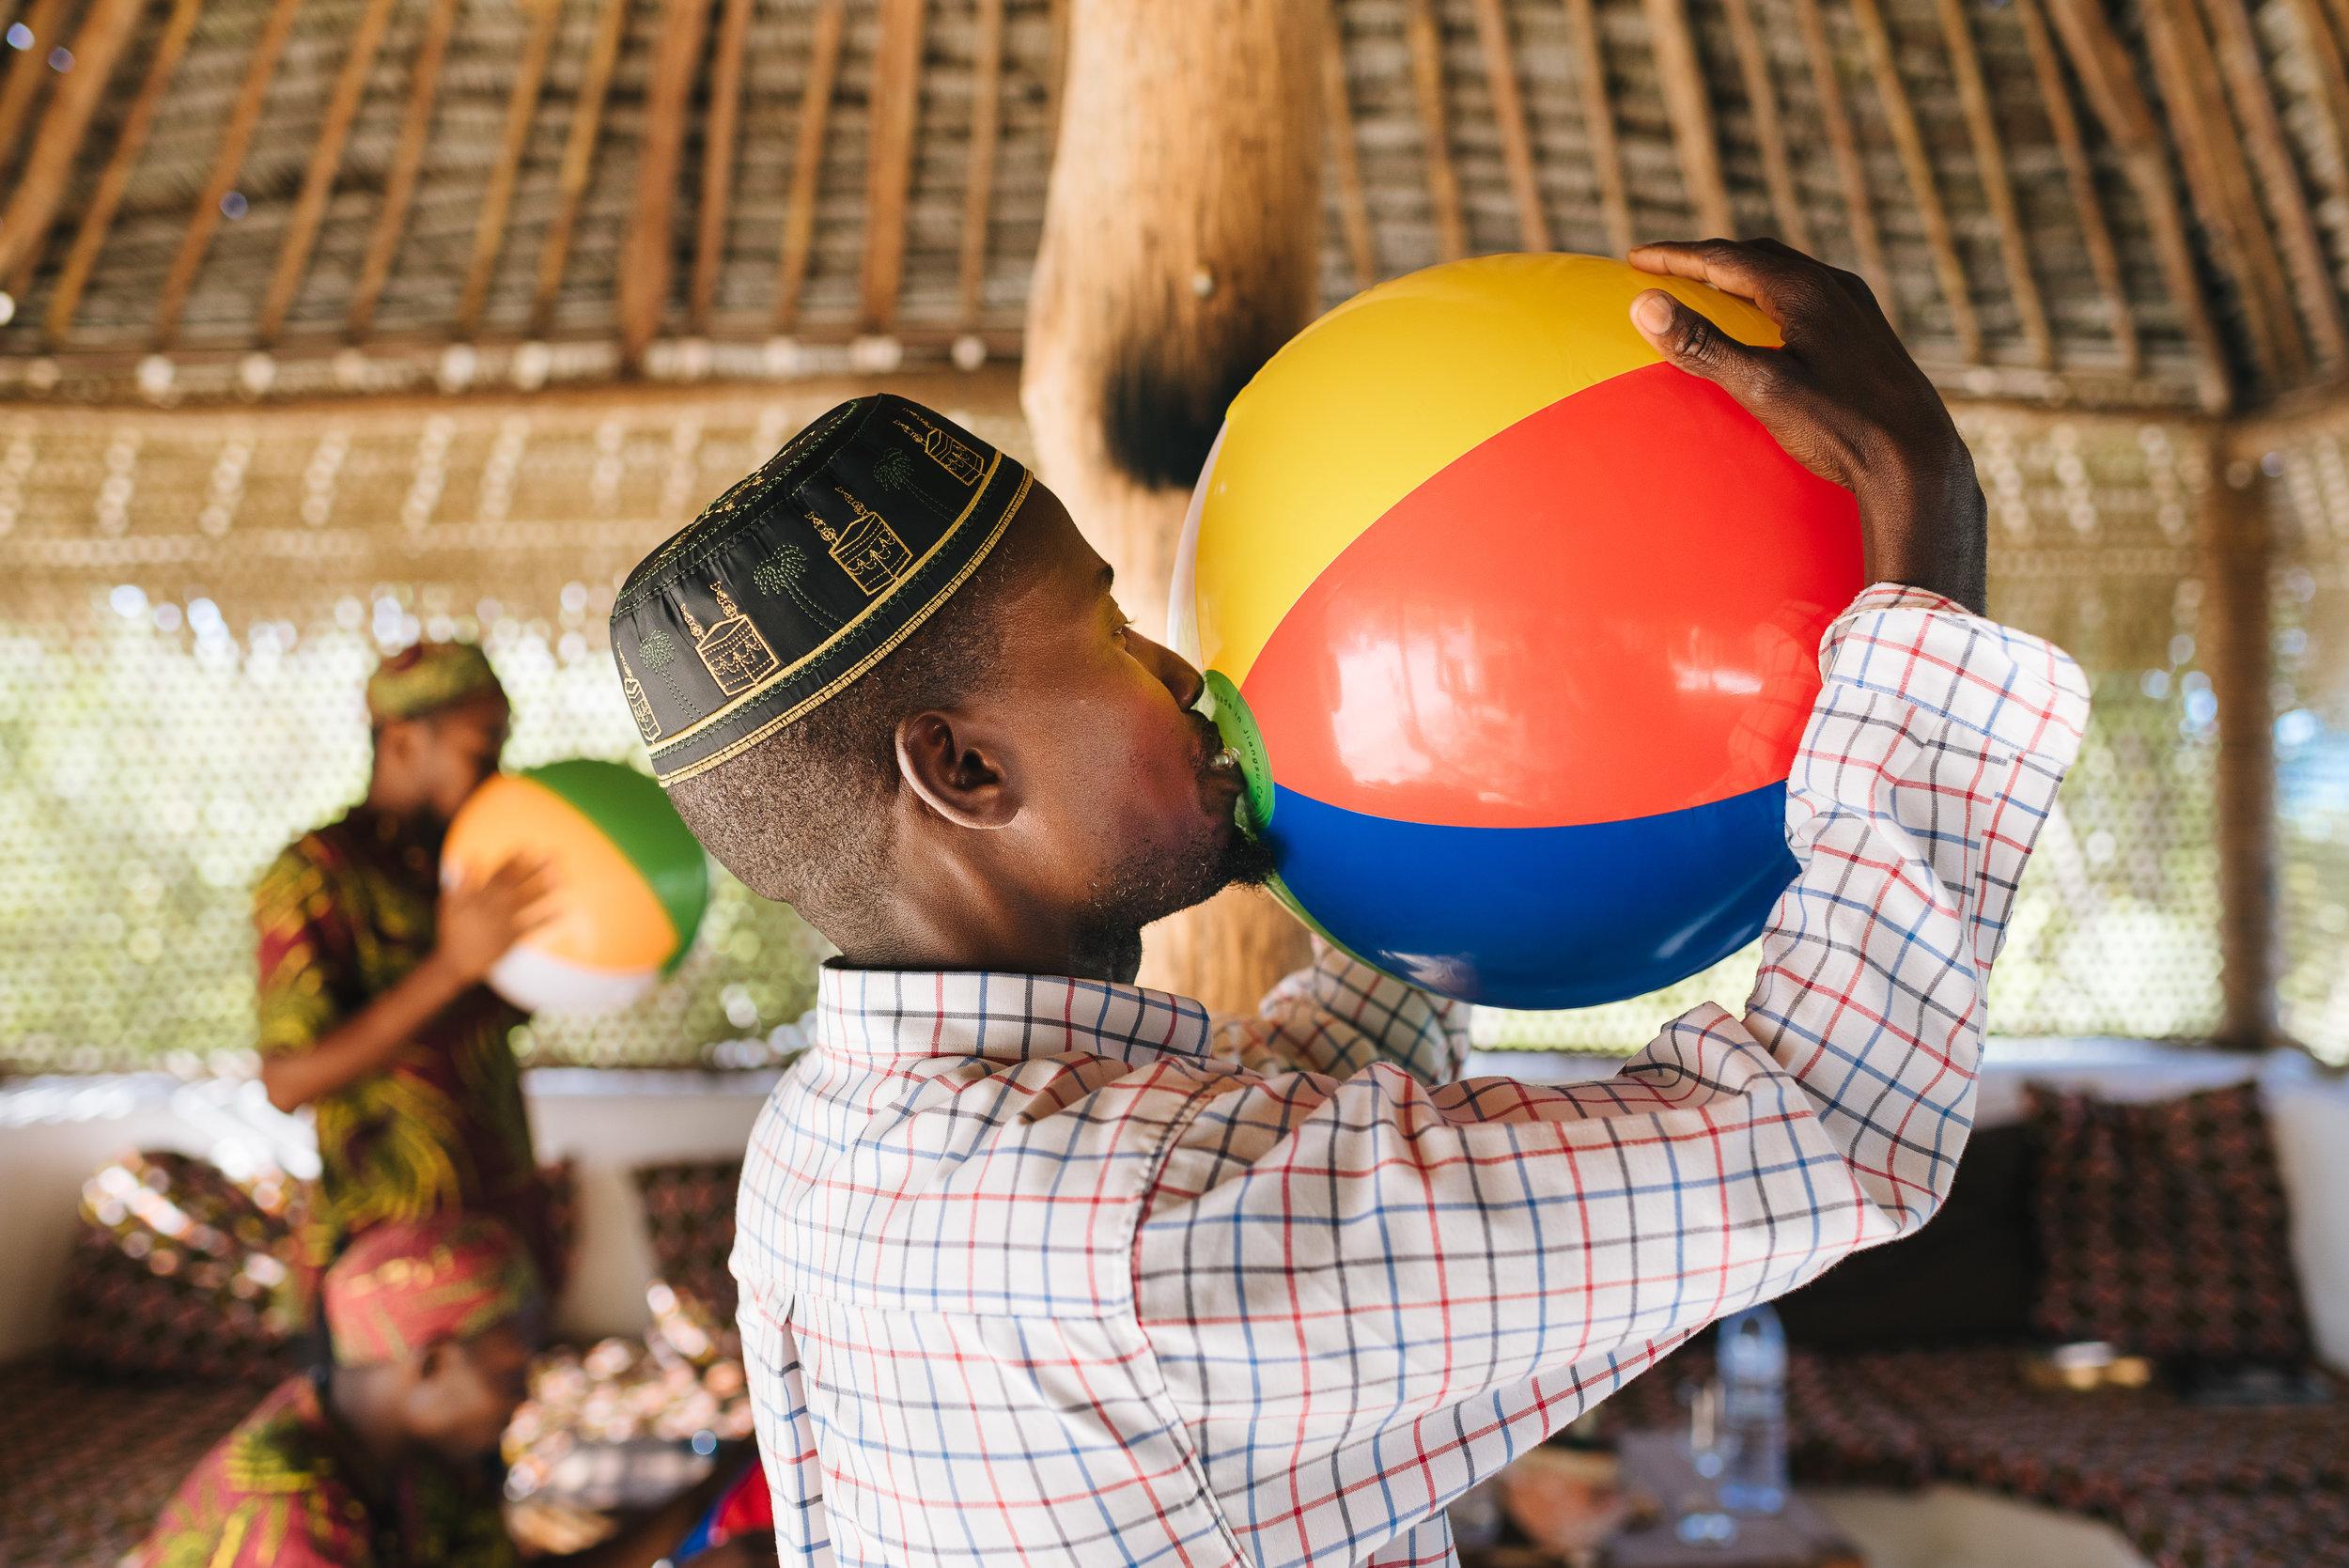 alex-miller-photography-joss-alex-mozambique-197.jpg